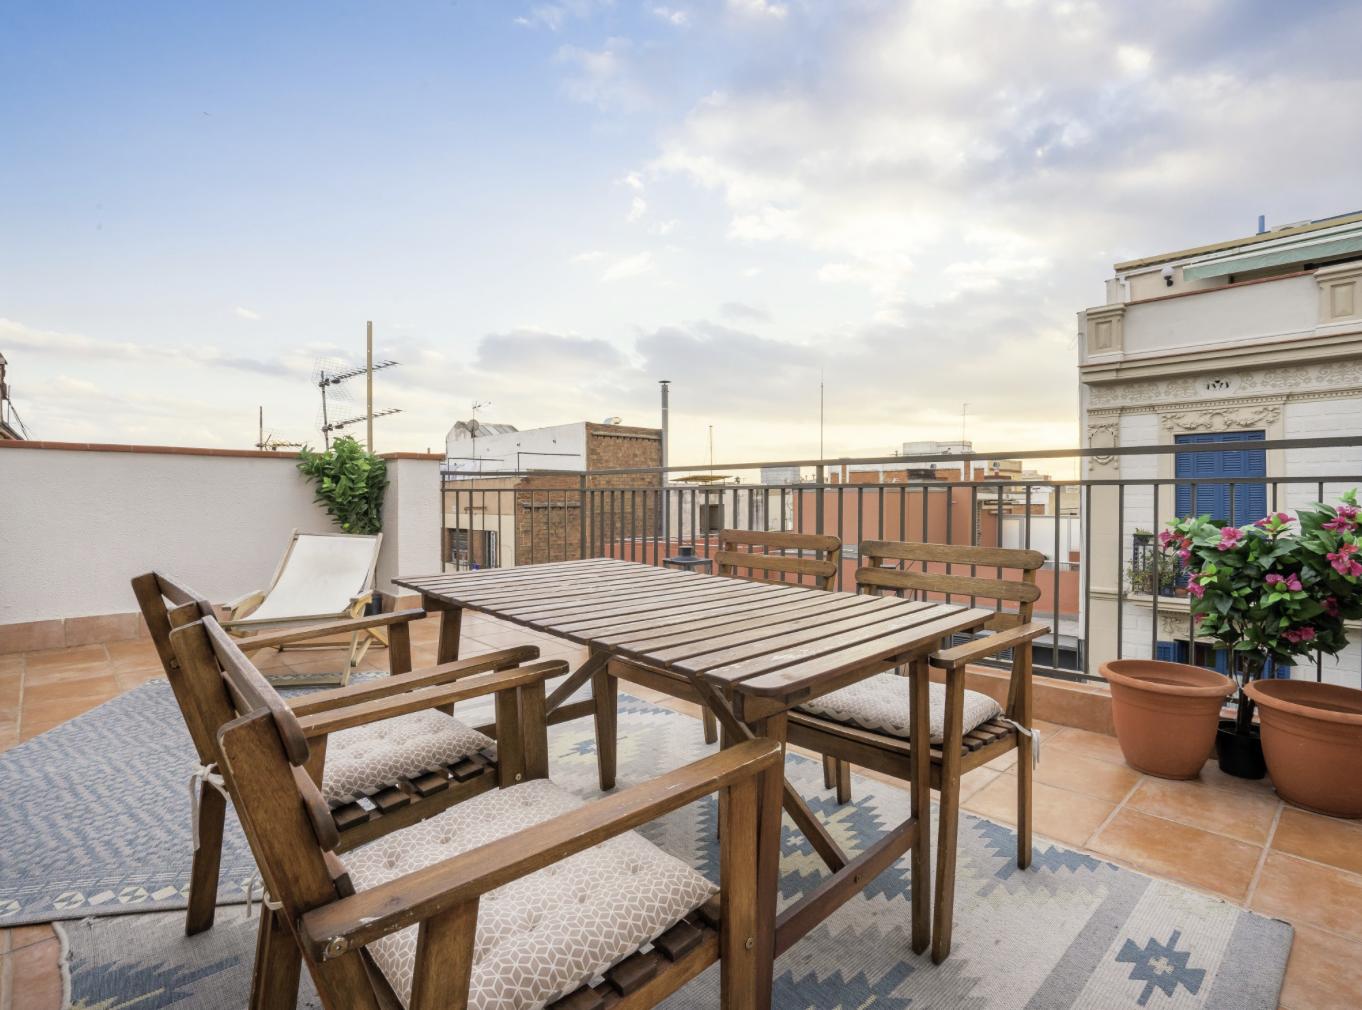 Amazing penthouse apartment near Park Güell, Barcelona, Spain